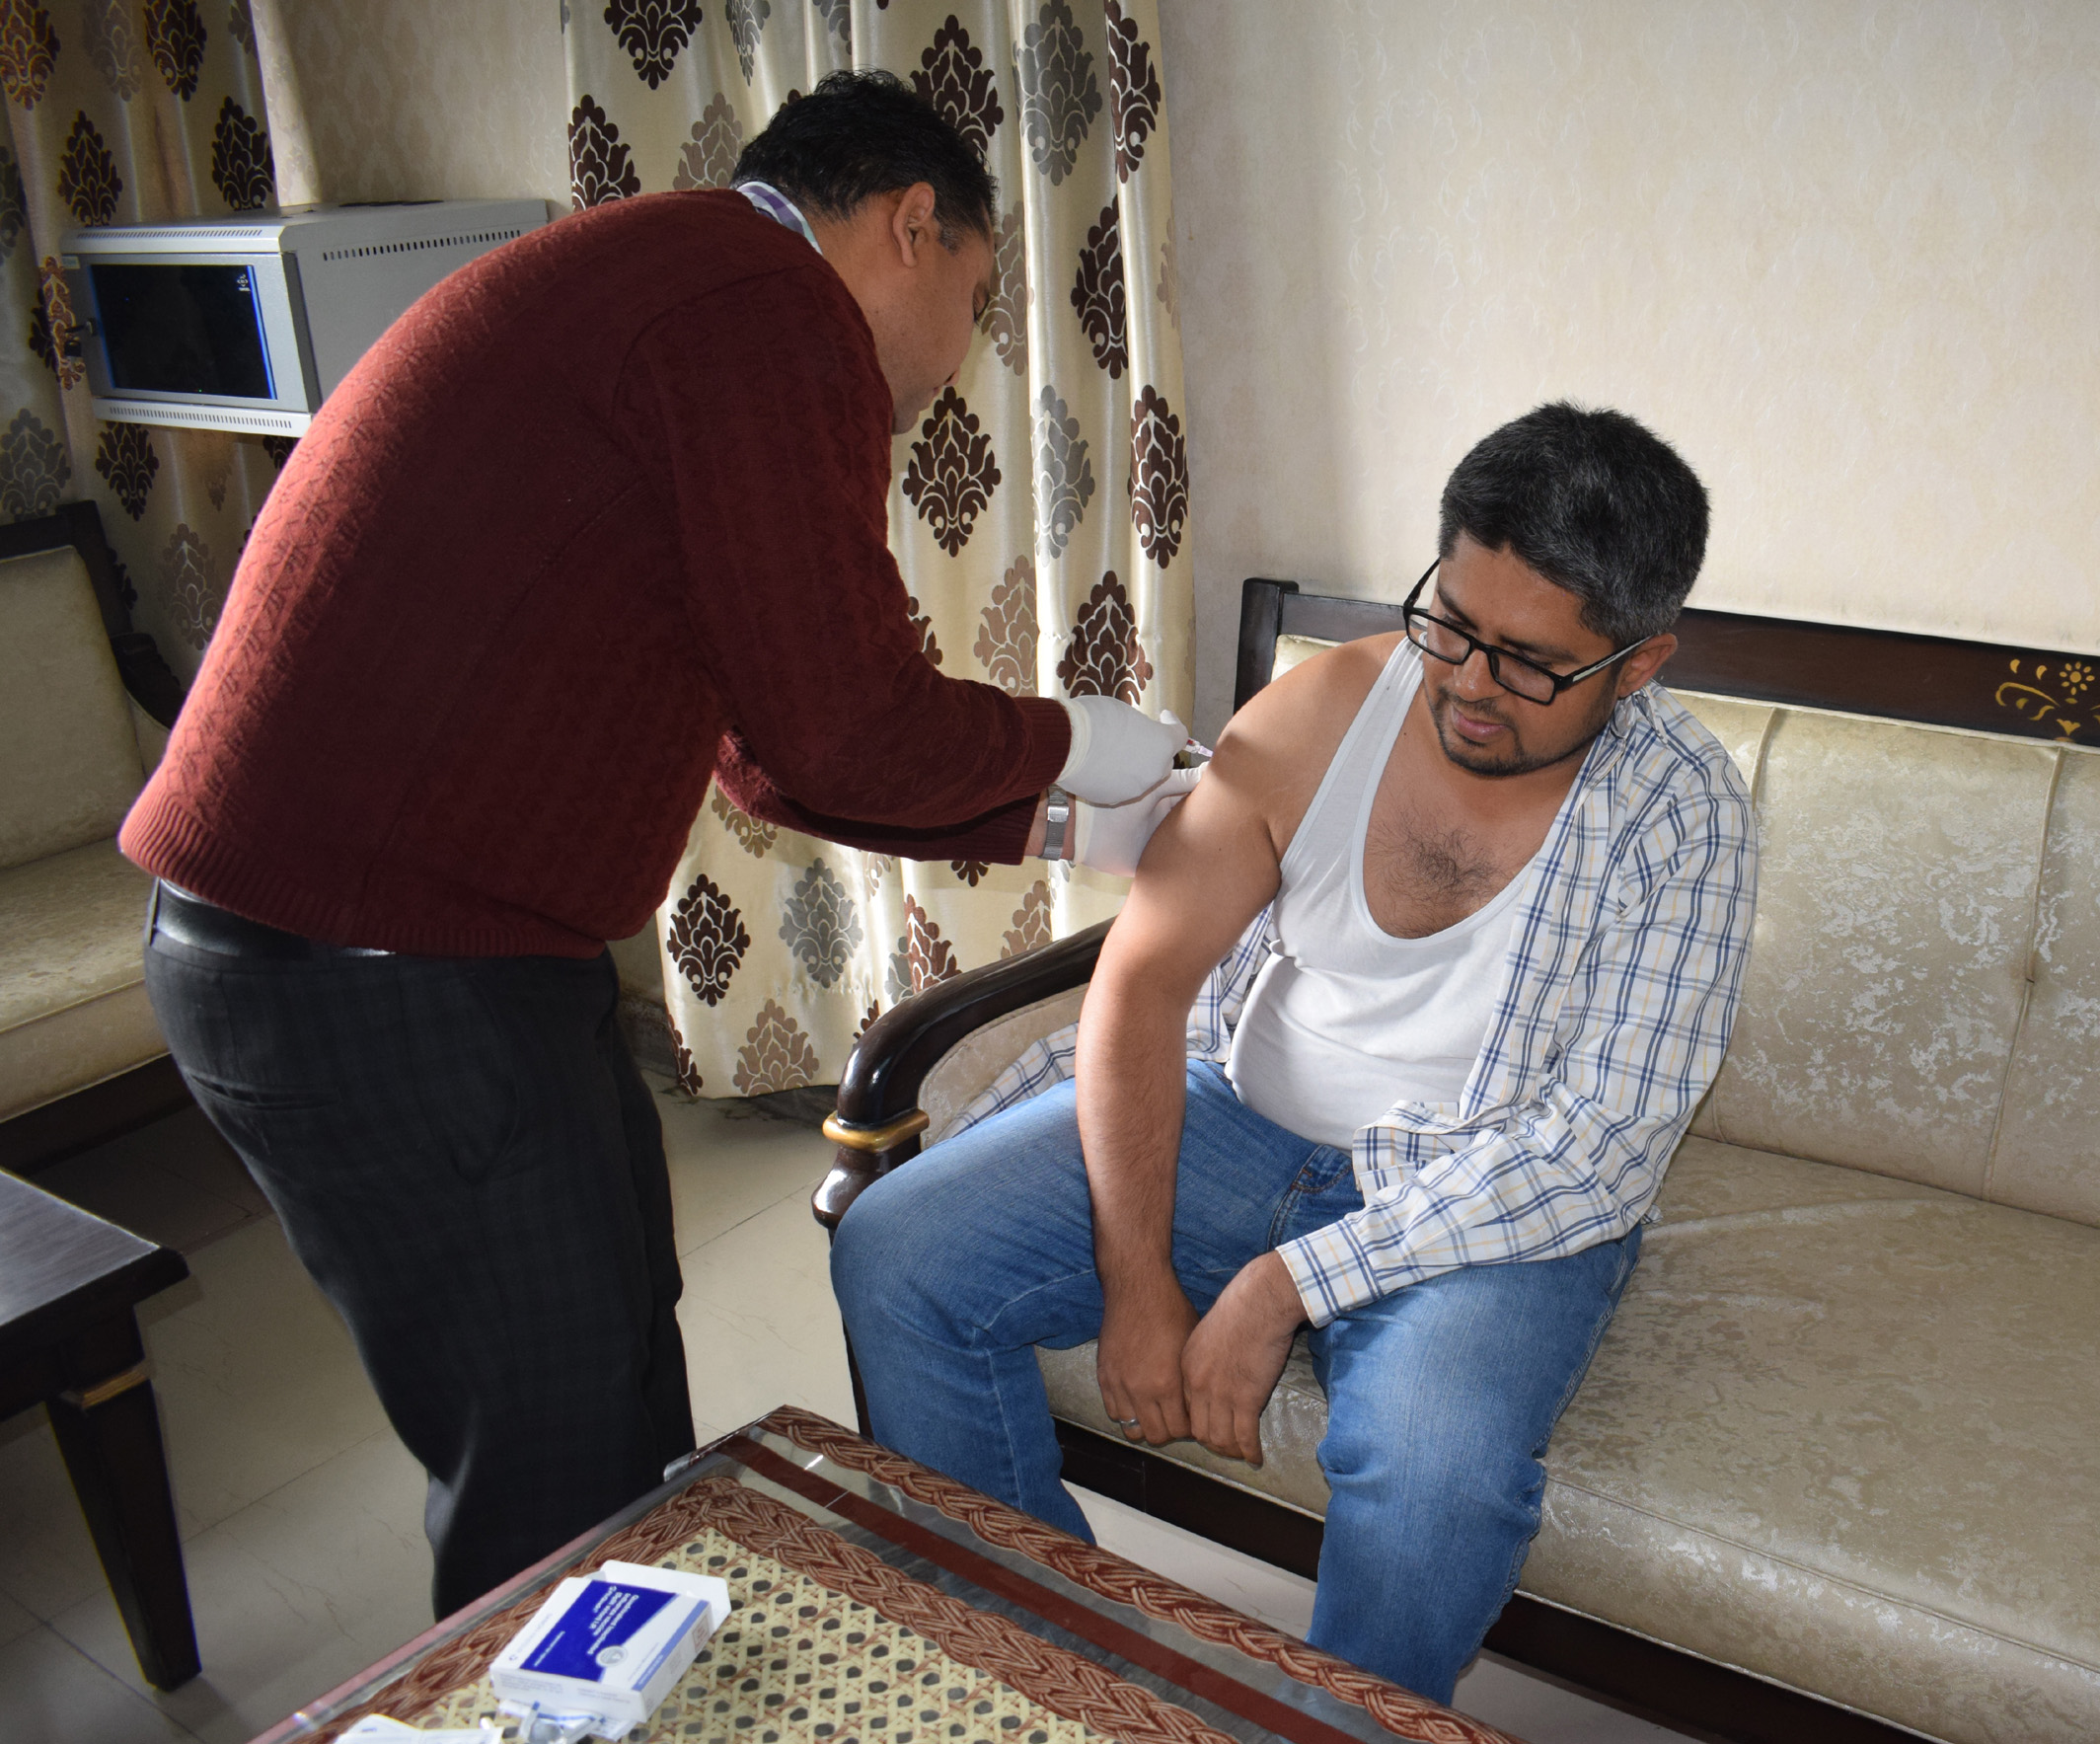 स्वाईन फ्लू से बचाव हेतु विशेष टीकाकरण अभियान शुरू